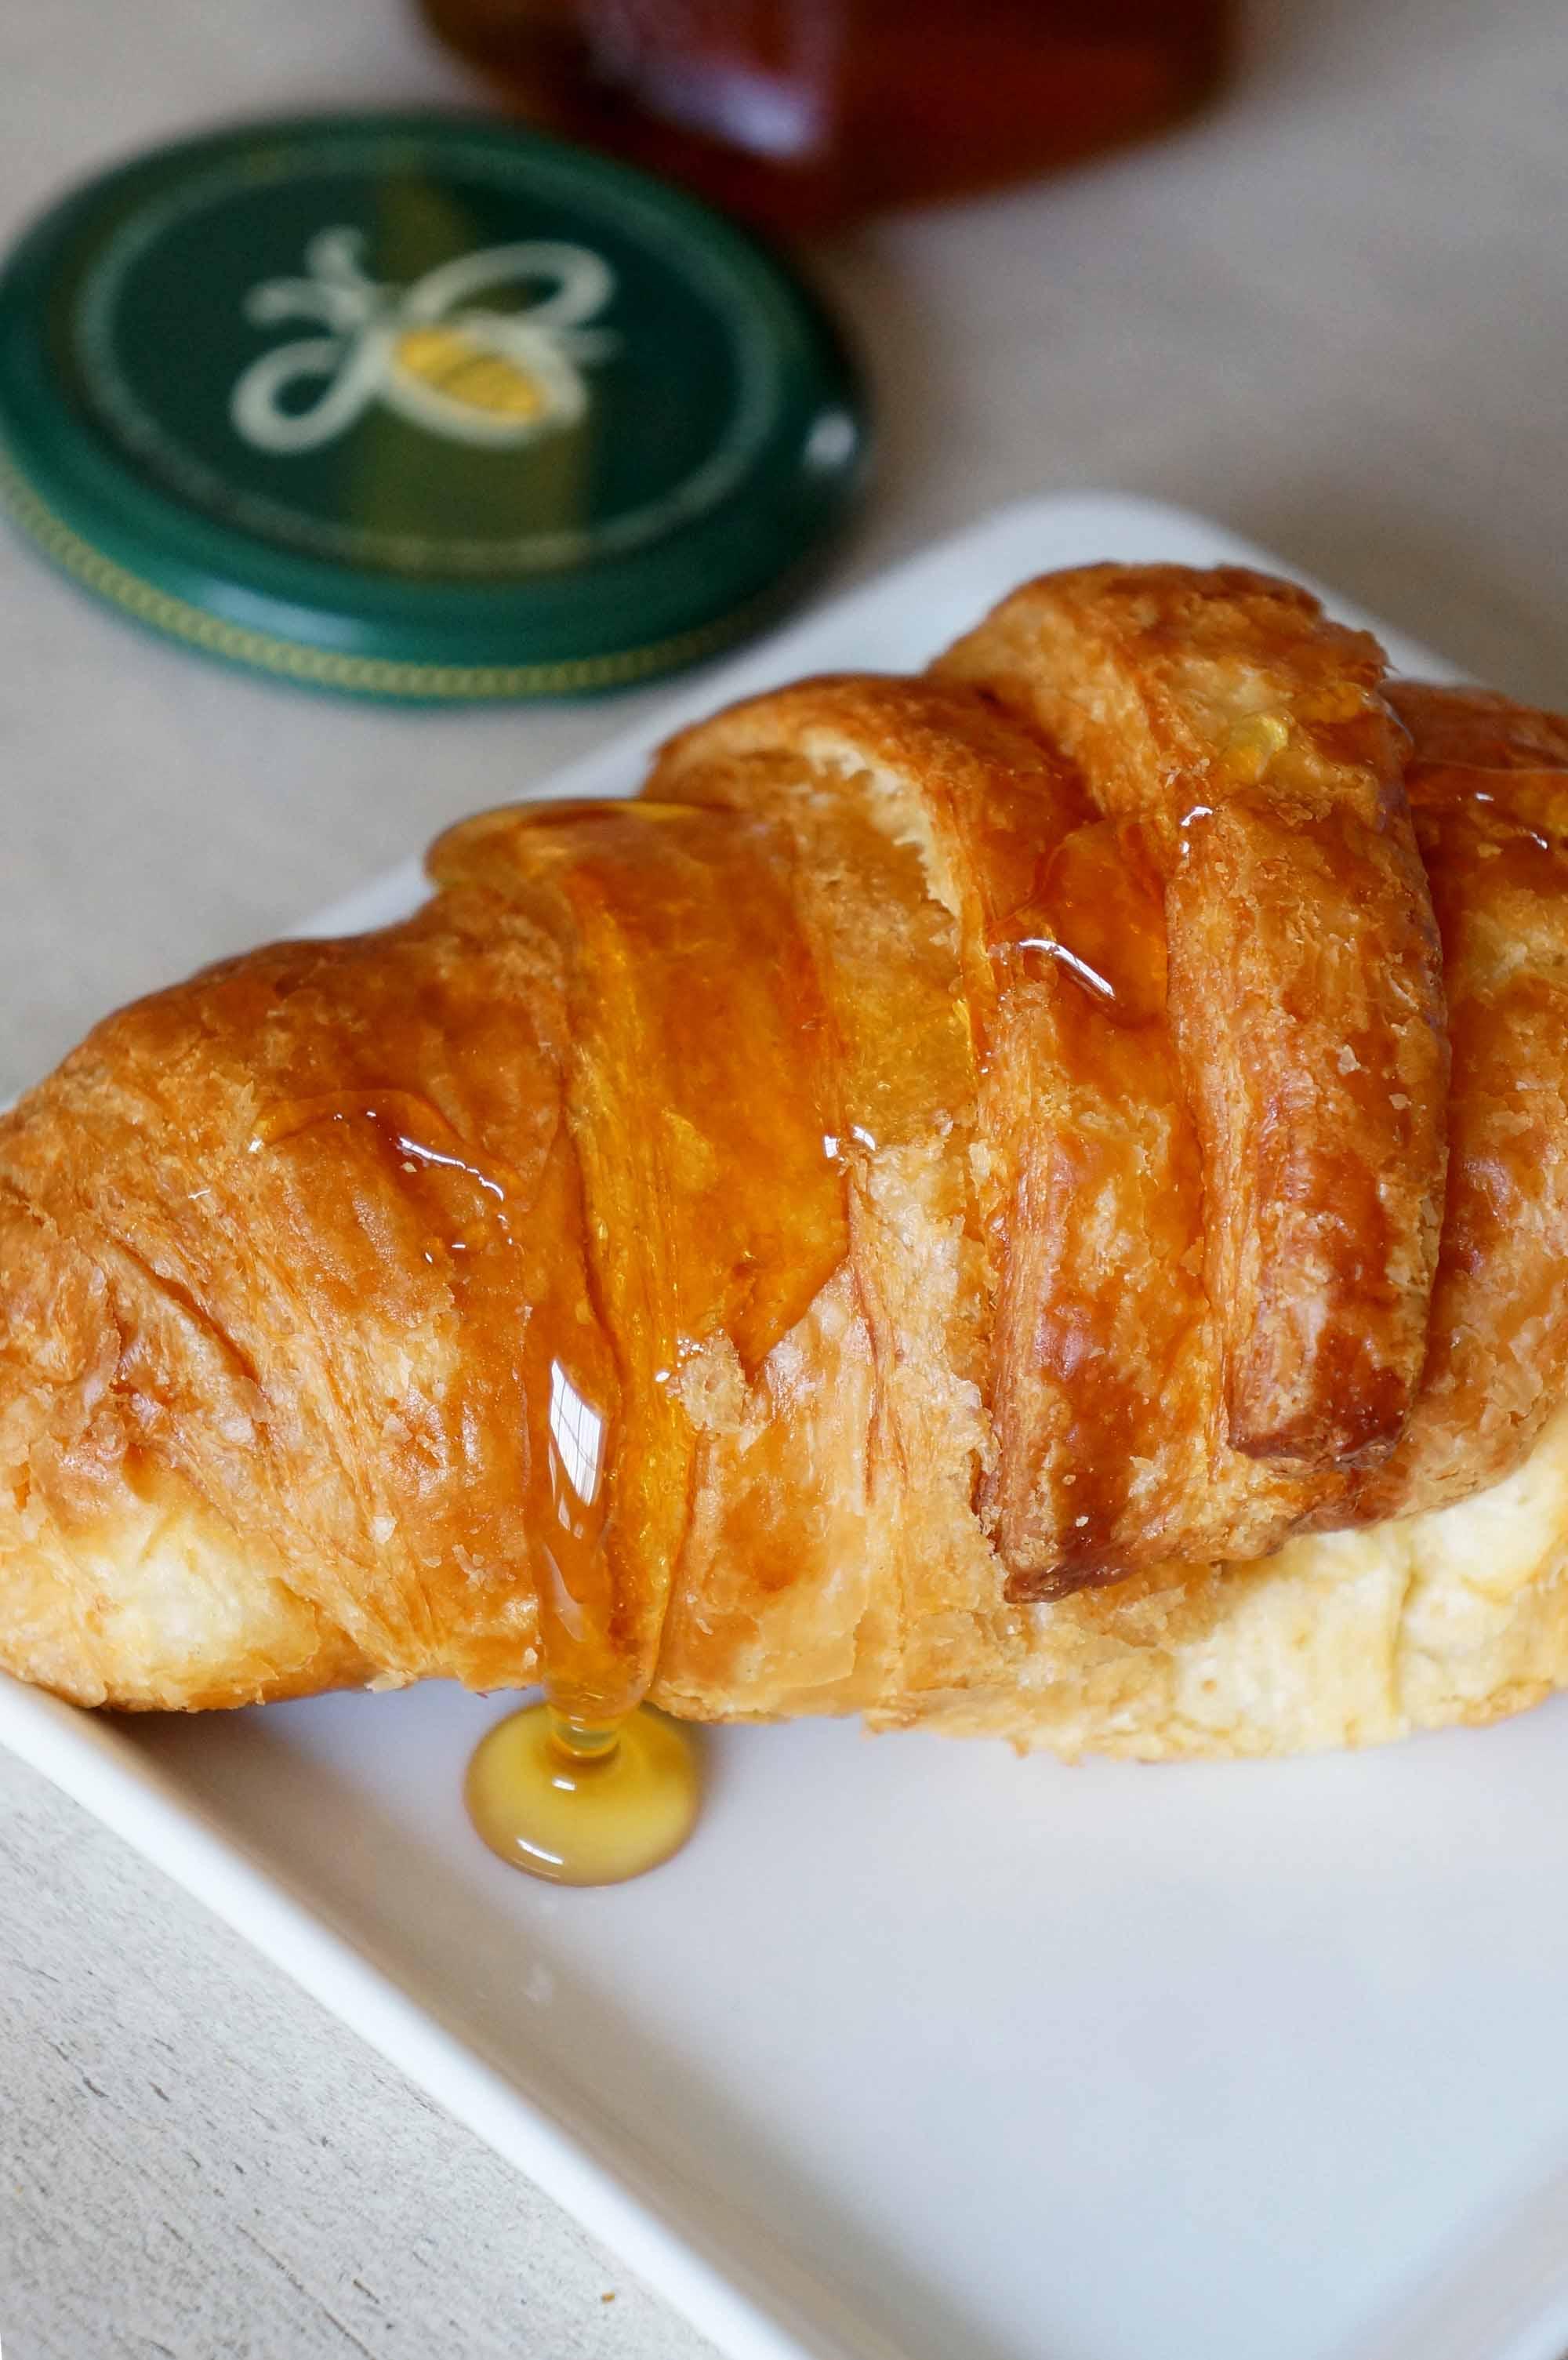 Sunday Breakfast 3